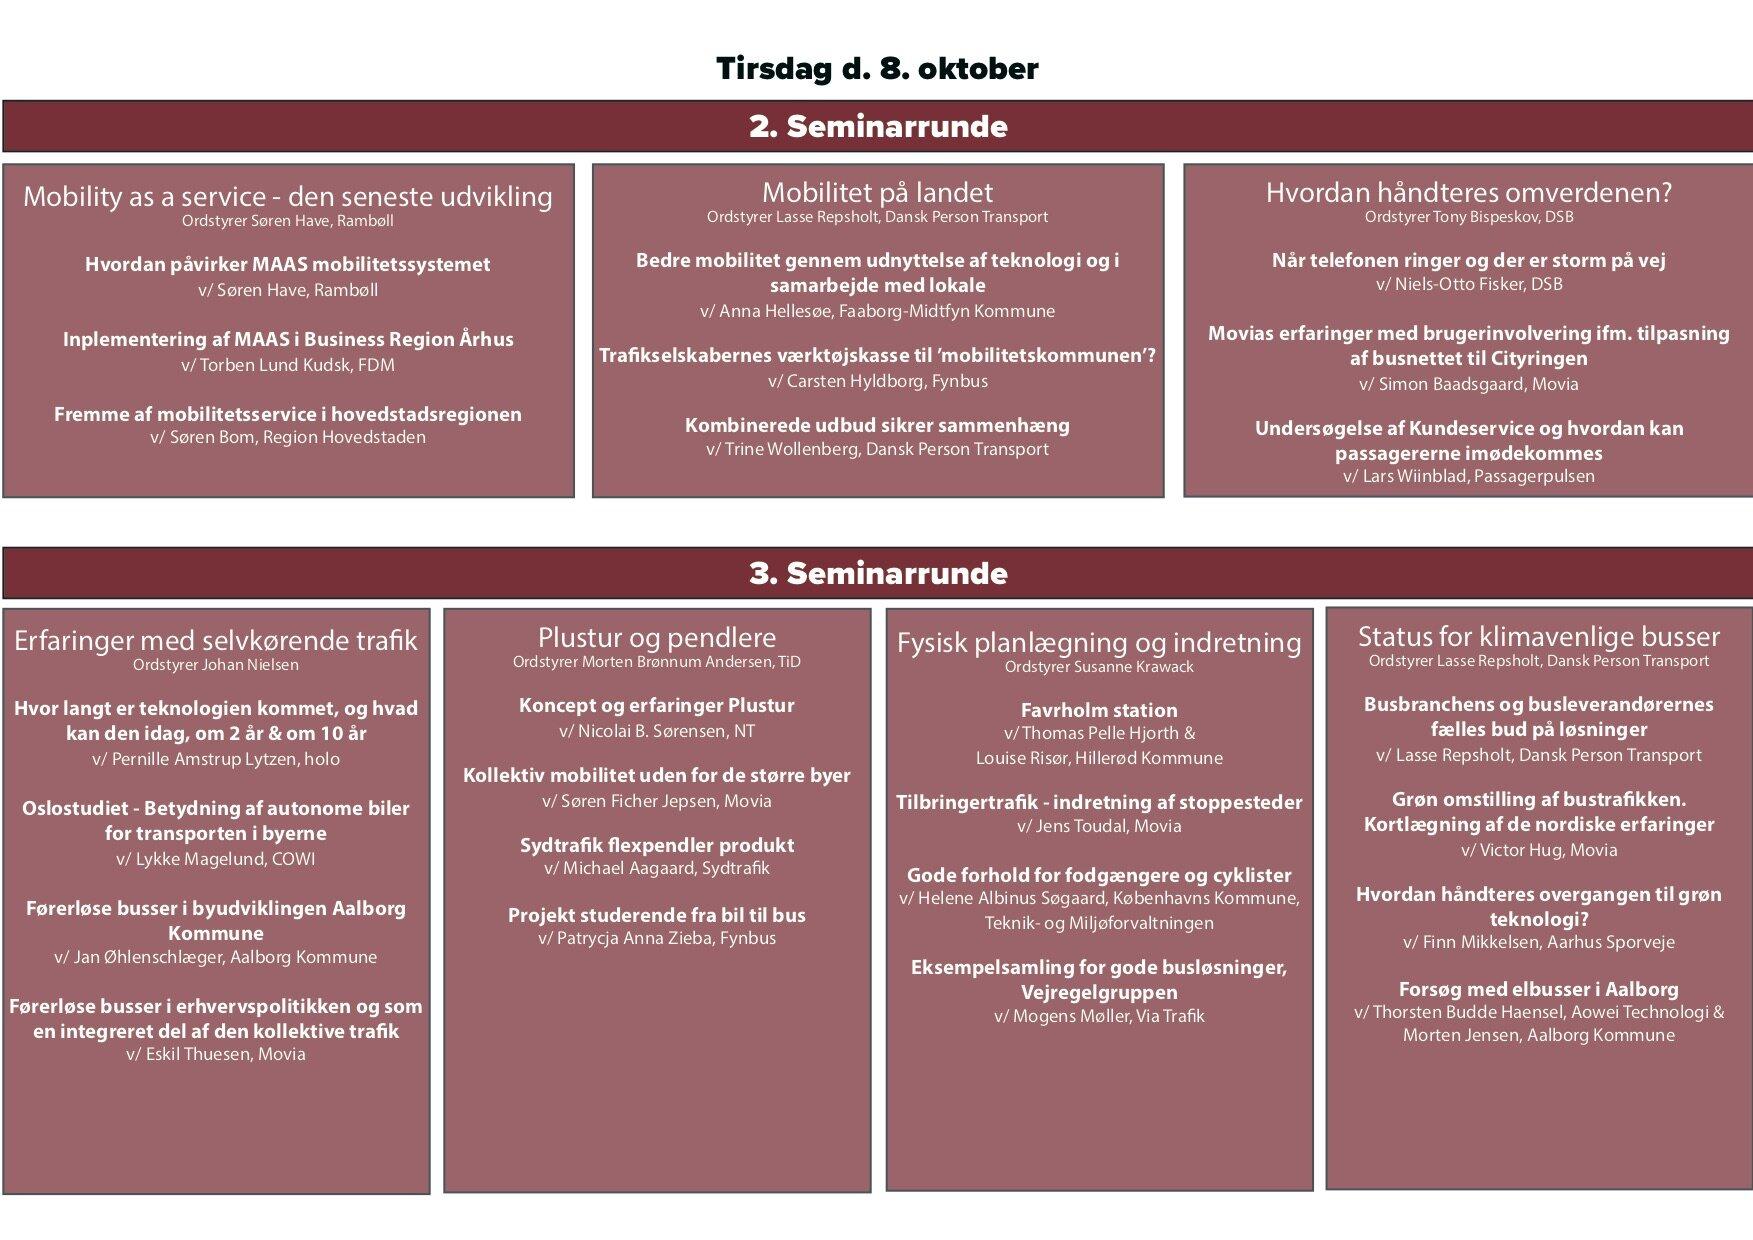 Tirsdag sessioner - Kollektiv Trafik Konference Program 2019 copy.jpg